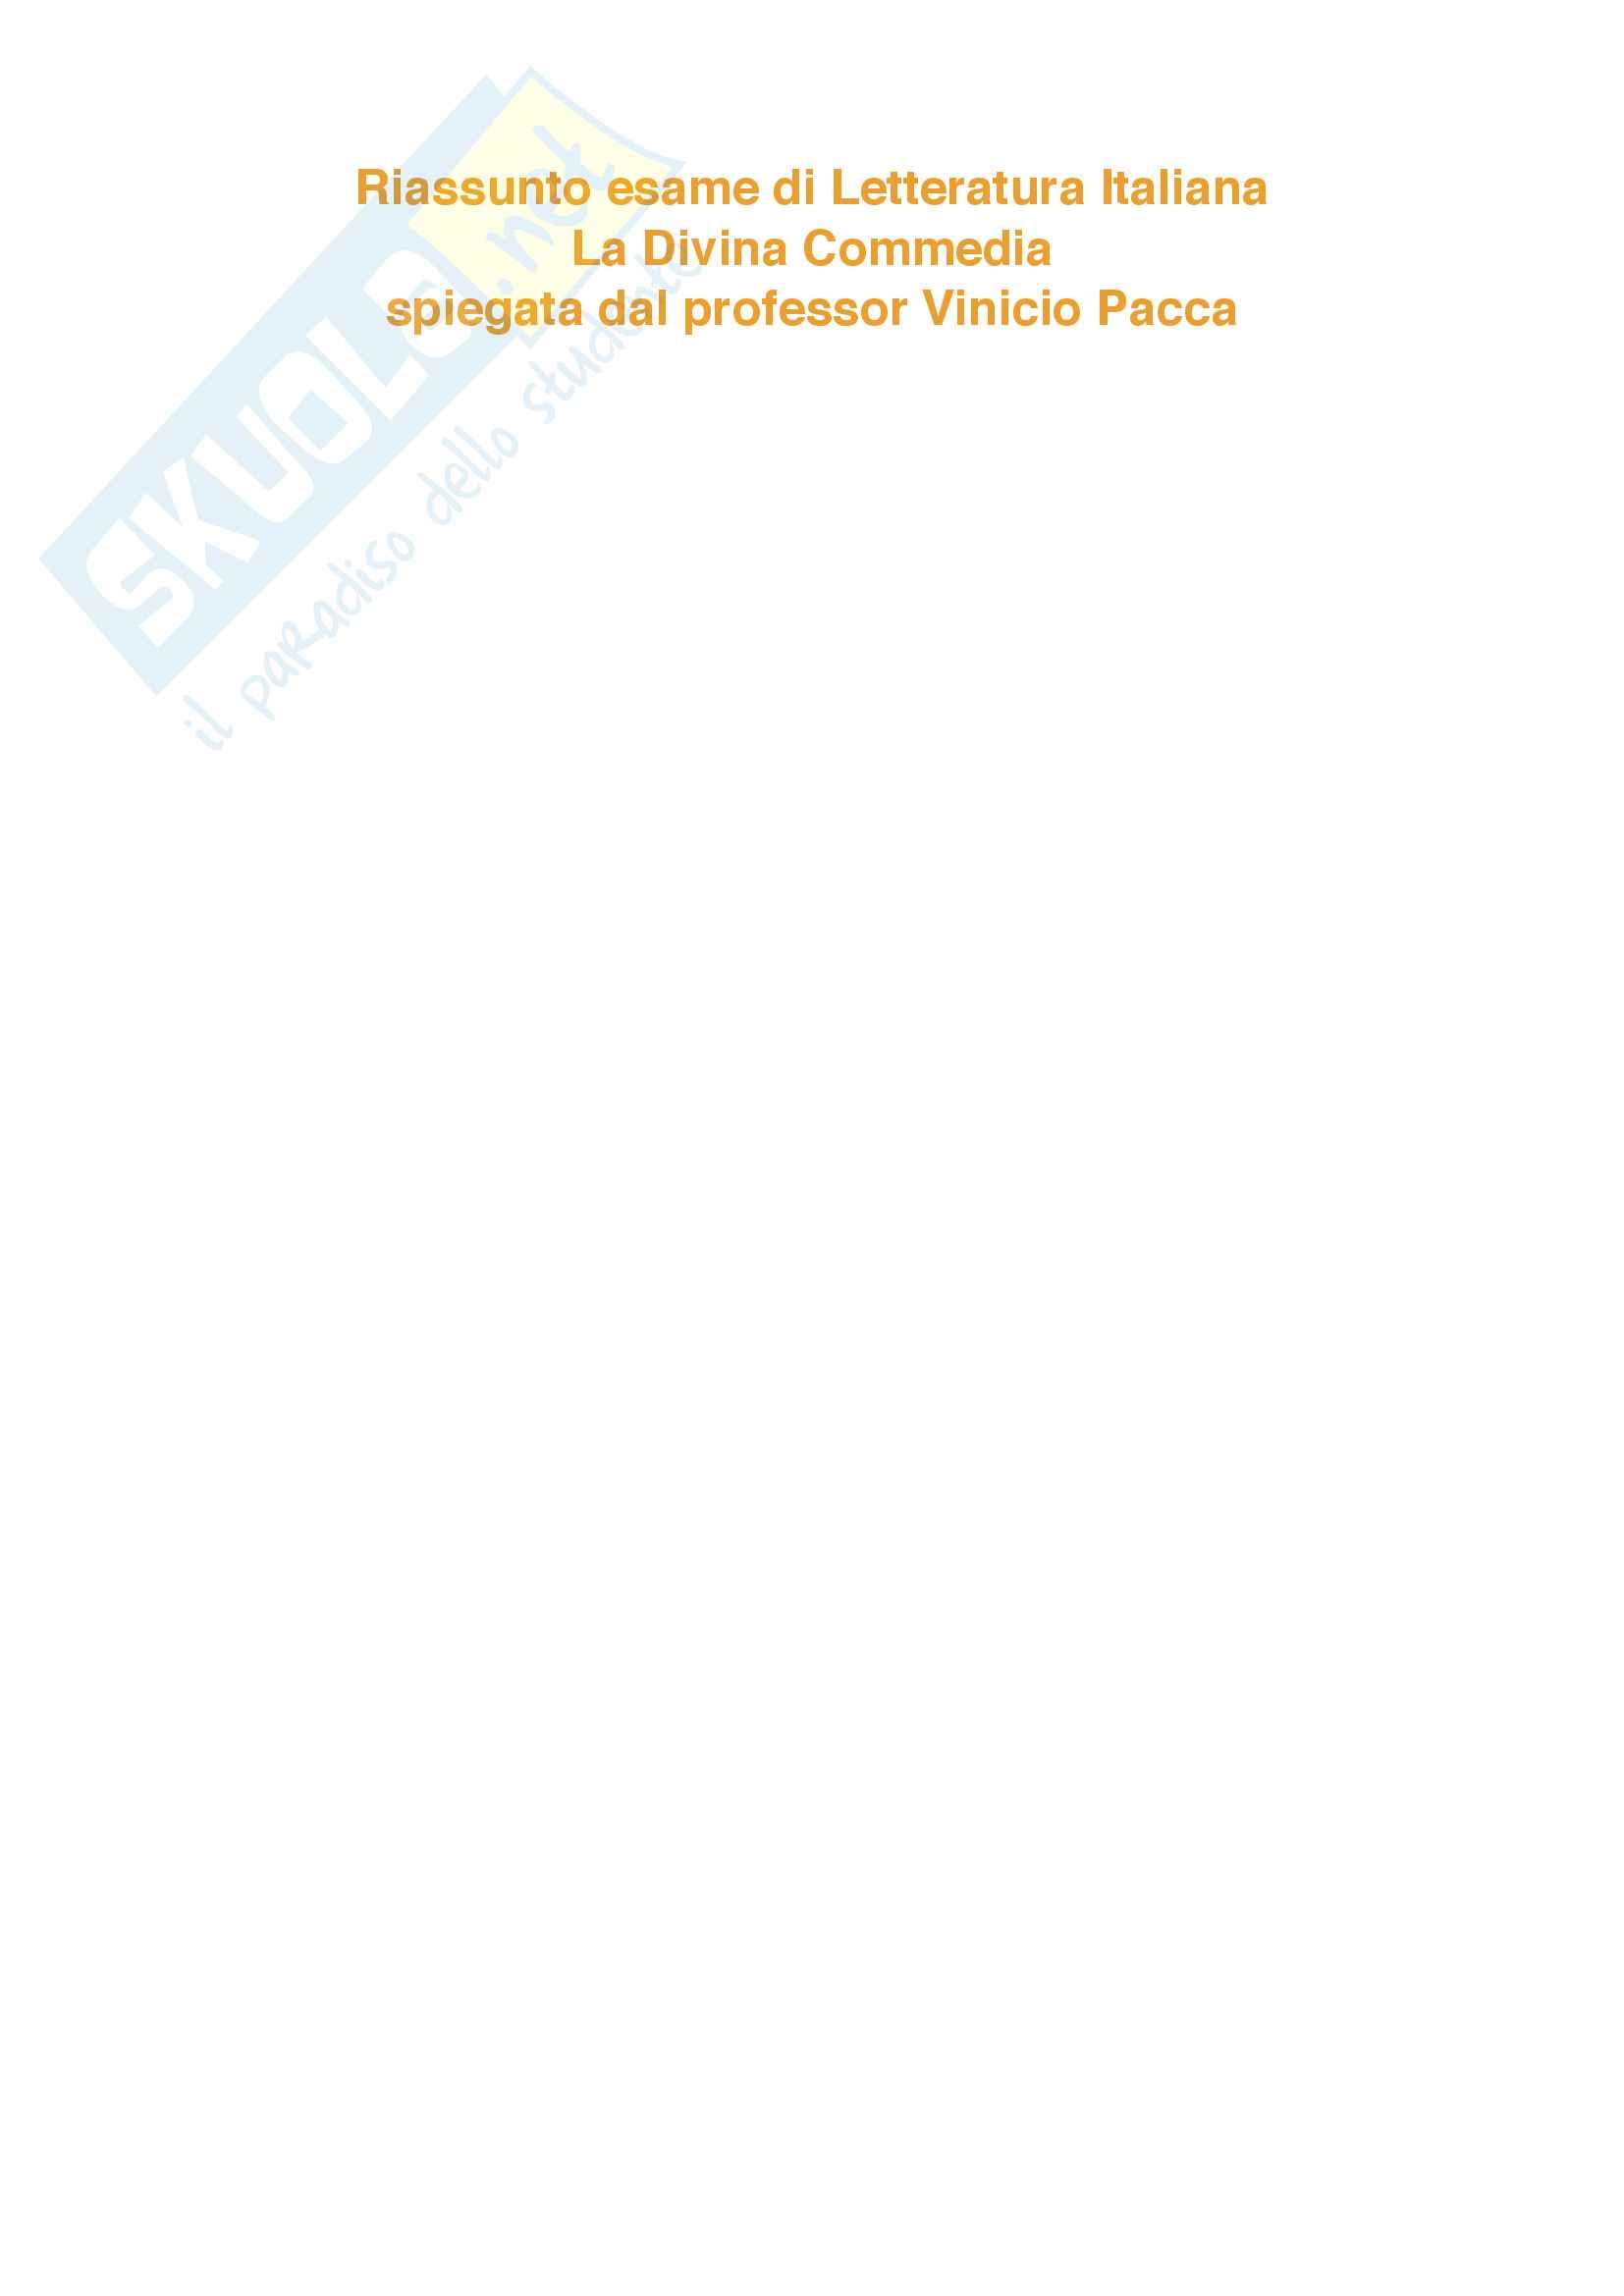 """Riassunto esame Letteratura Italiana, prof. Santagata e Pacca, libro adottato """"La Divina Commedia"""" di Dante Alighieri, edizione commentata Bosco, Reggio, Volante"""